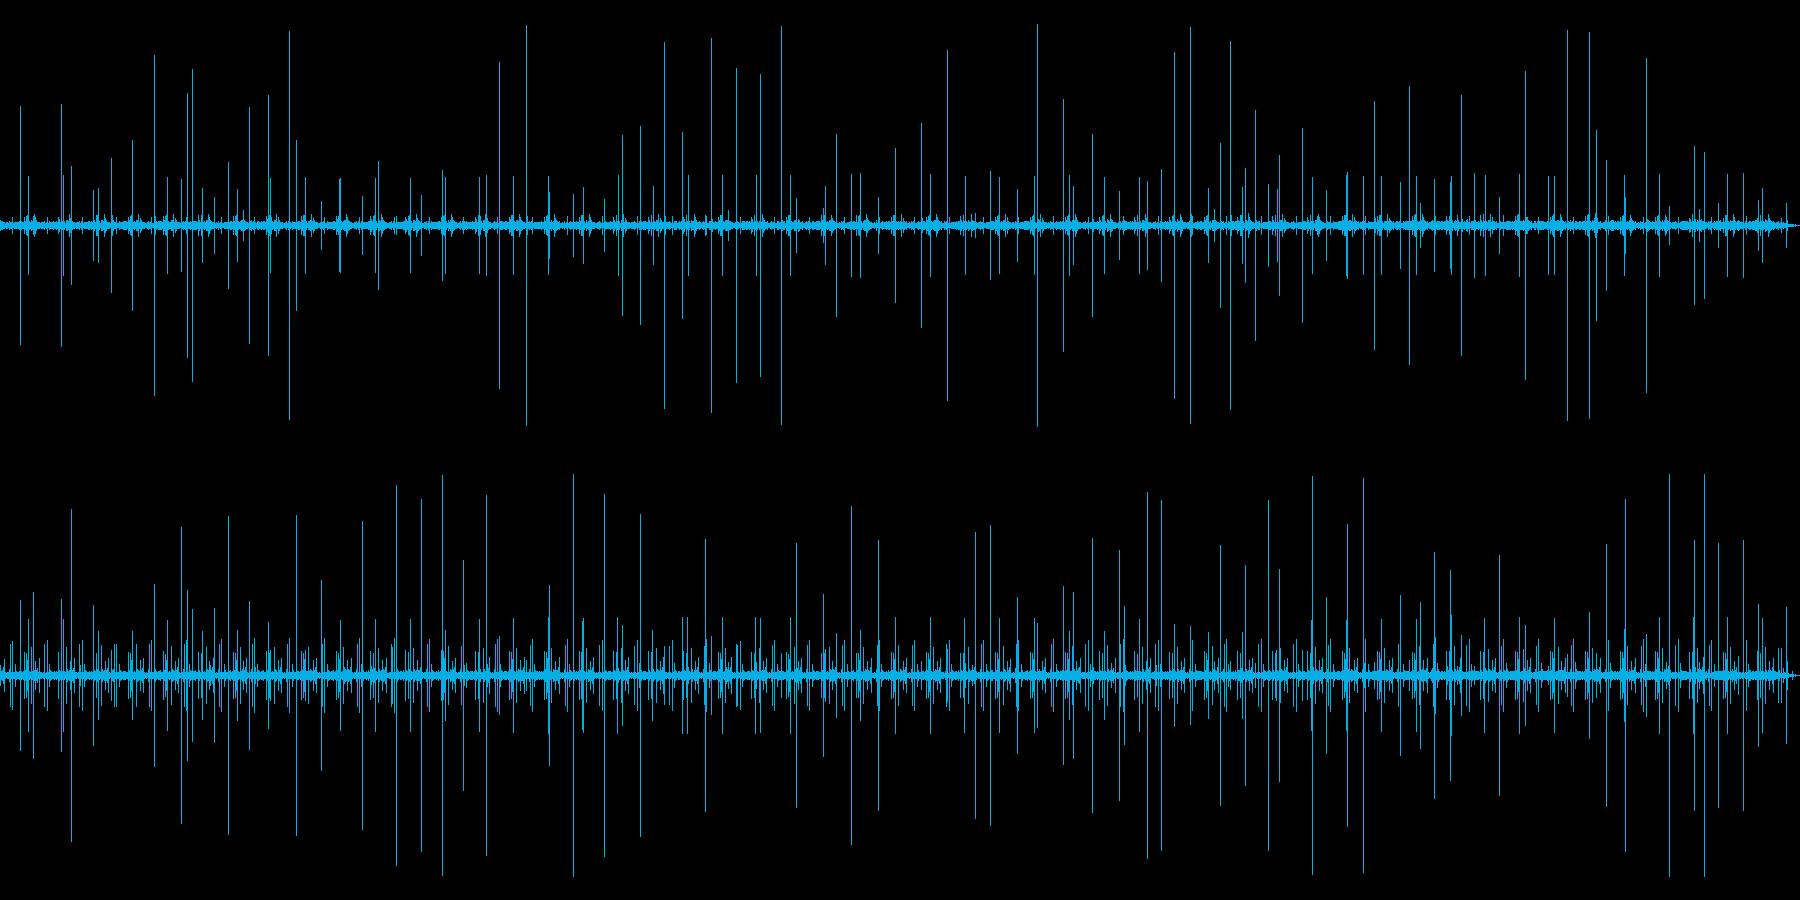 [生録音]レコード再生ノイズ03(3分)の再生済みの波形